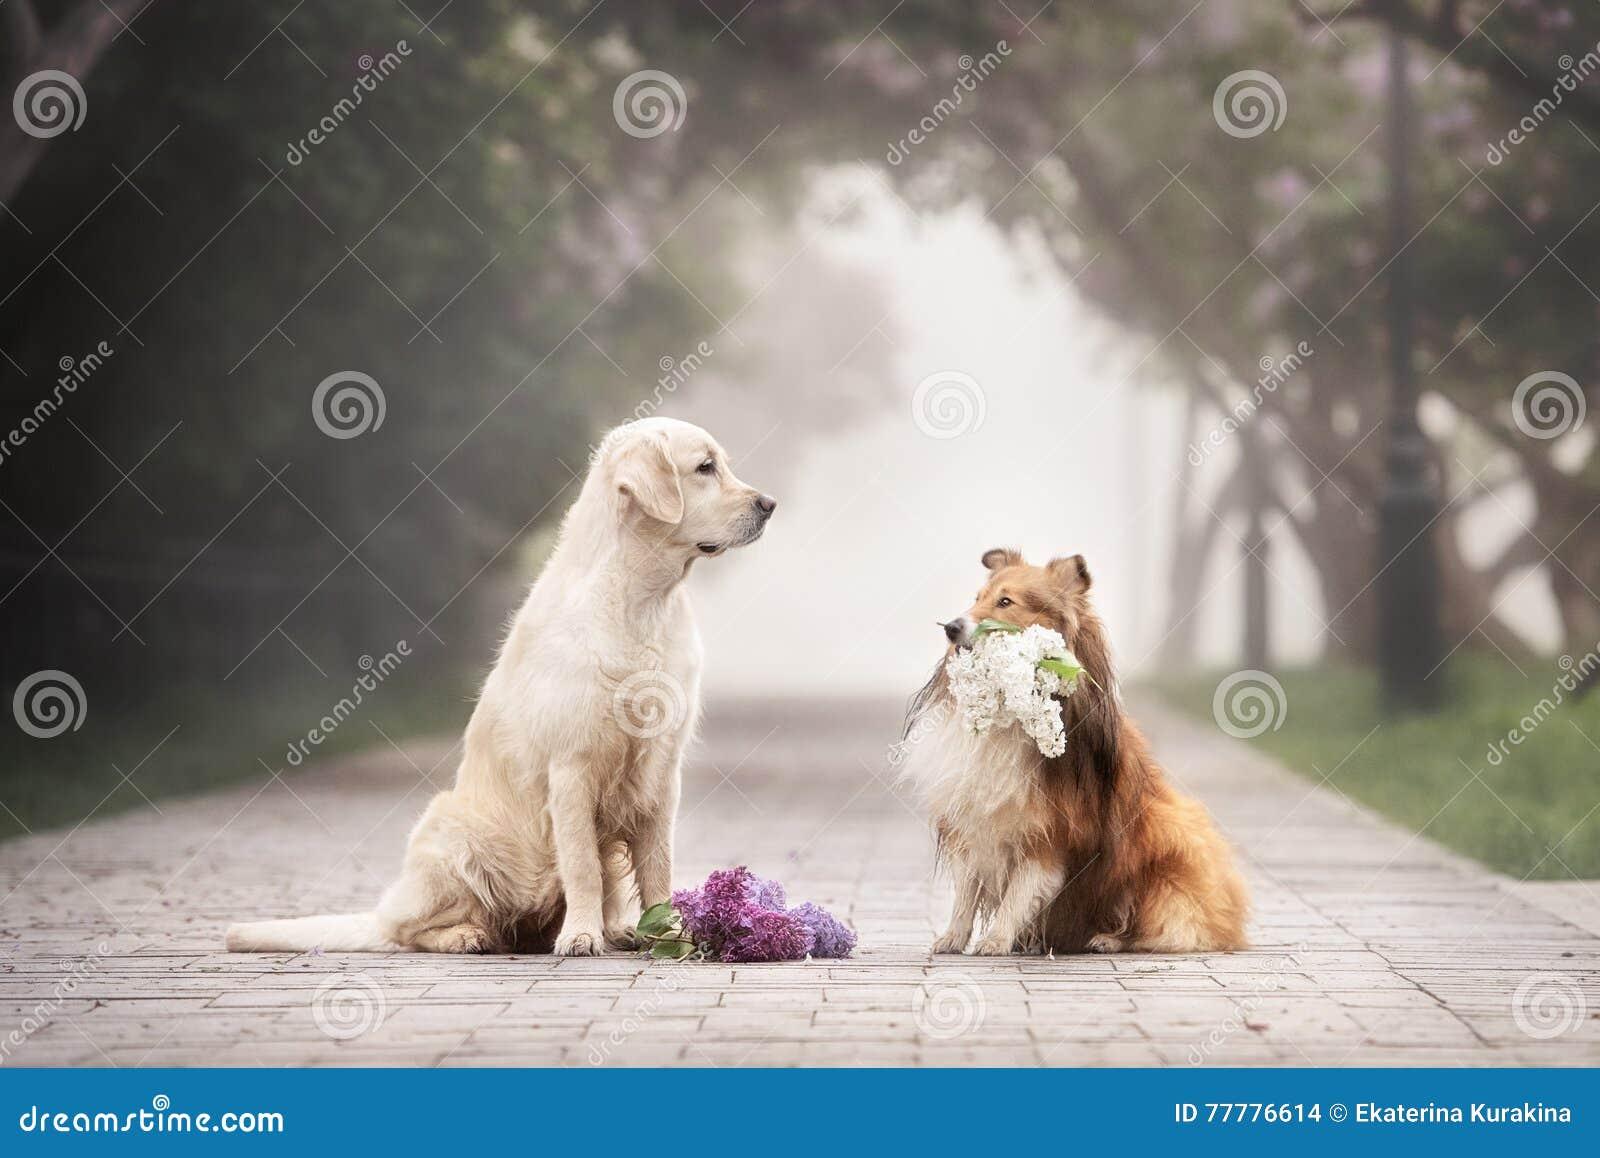 Die Liebesgeschichte von zwei Hunden